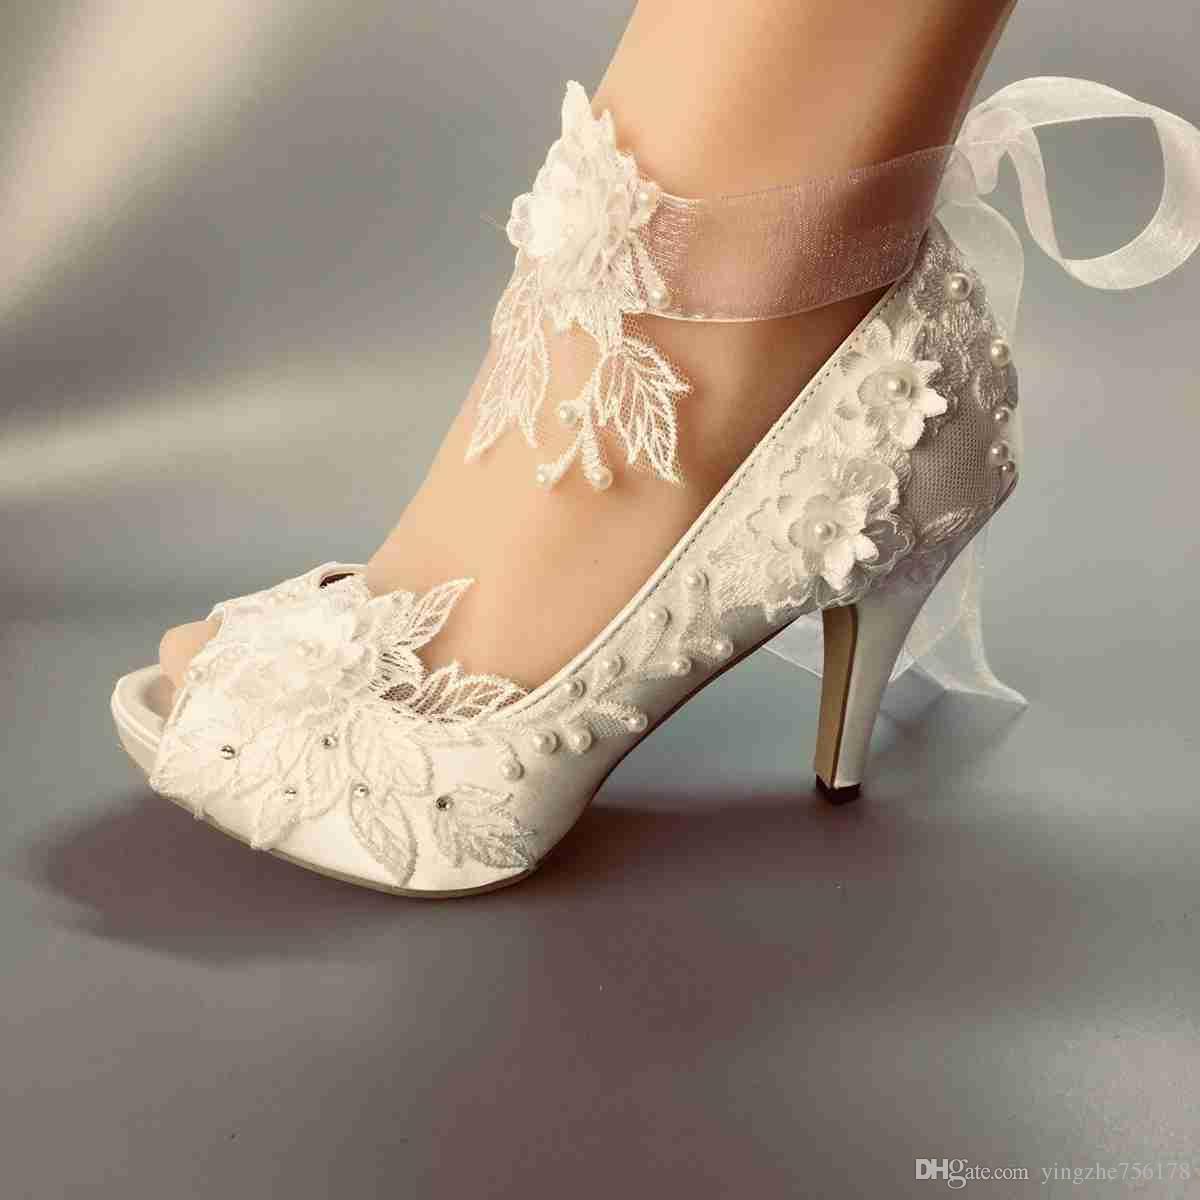 35 Brautkleider Heel Diamantspitze Toe Wasserdichte Hochzeit Manuelle Bridal Elfenbein Hochzeitsschuhe Size Schuh Open Aus Peep 42 Weiße Braut Eu P80wOXNnk